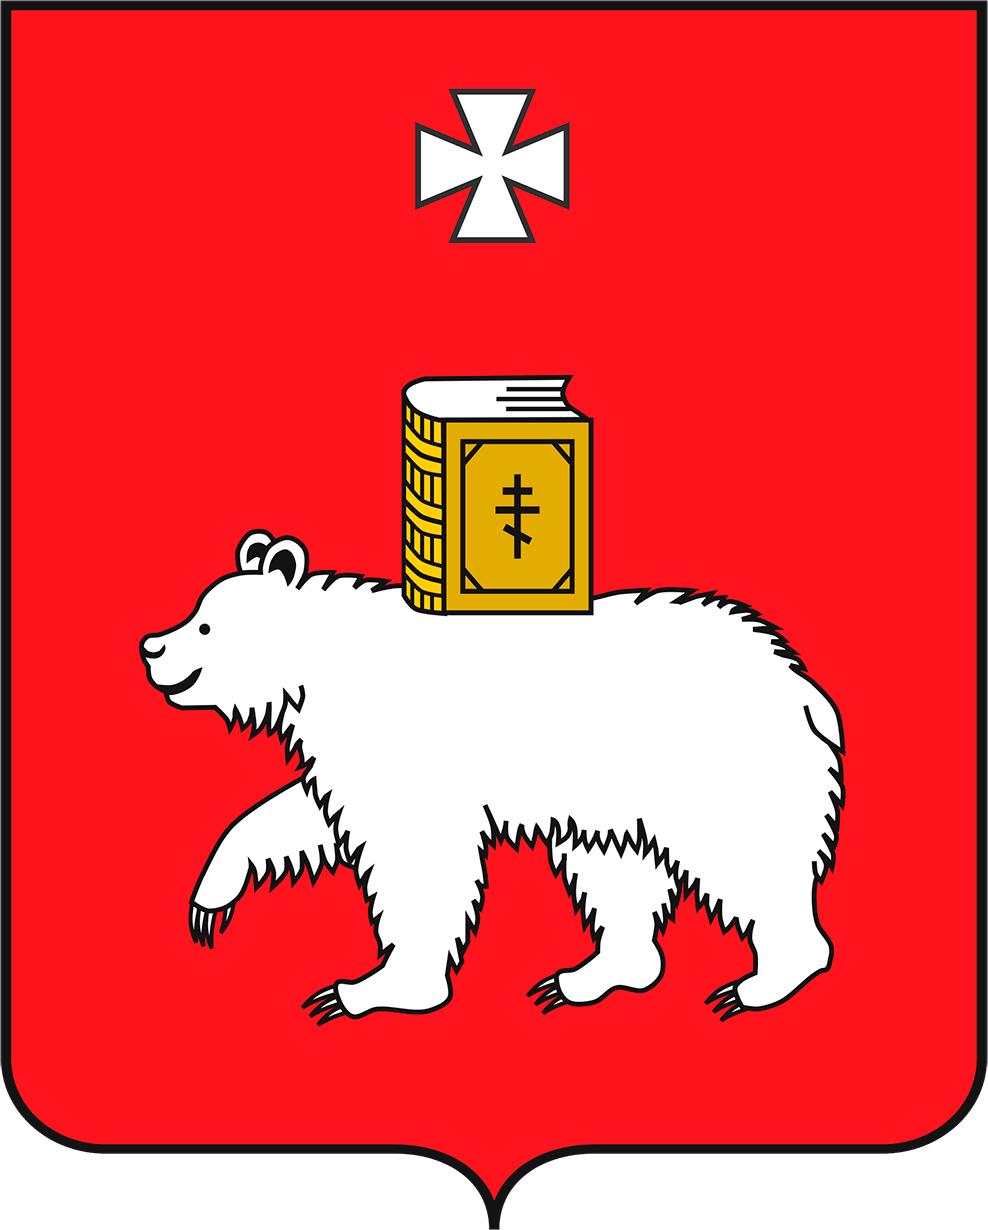 Герб города Пермь: медведь, Евангелие и крест